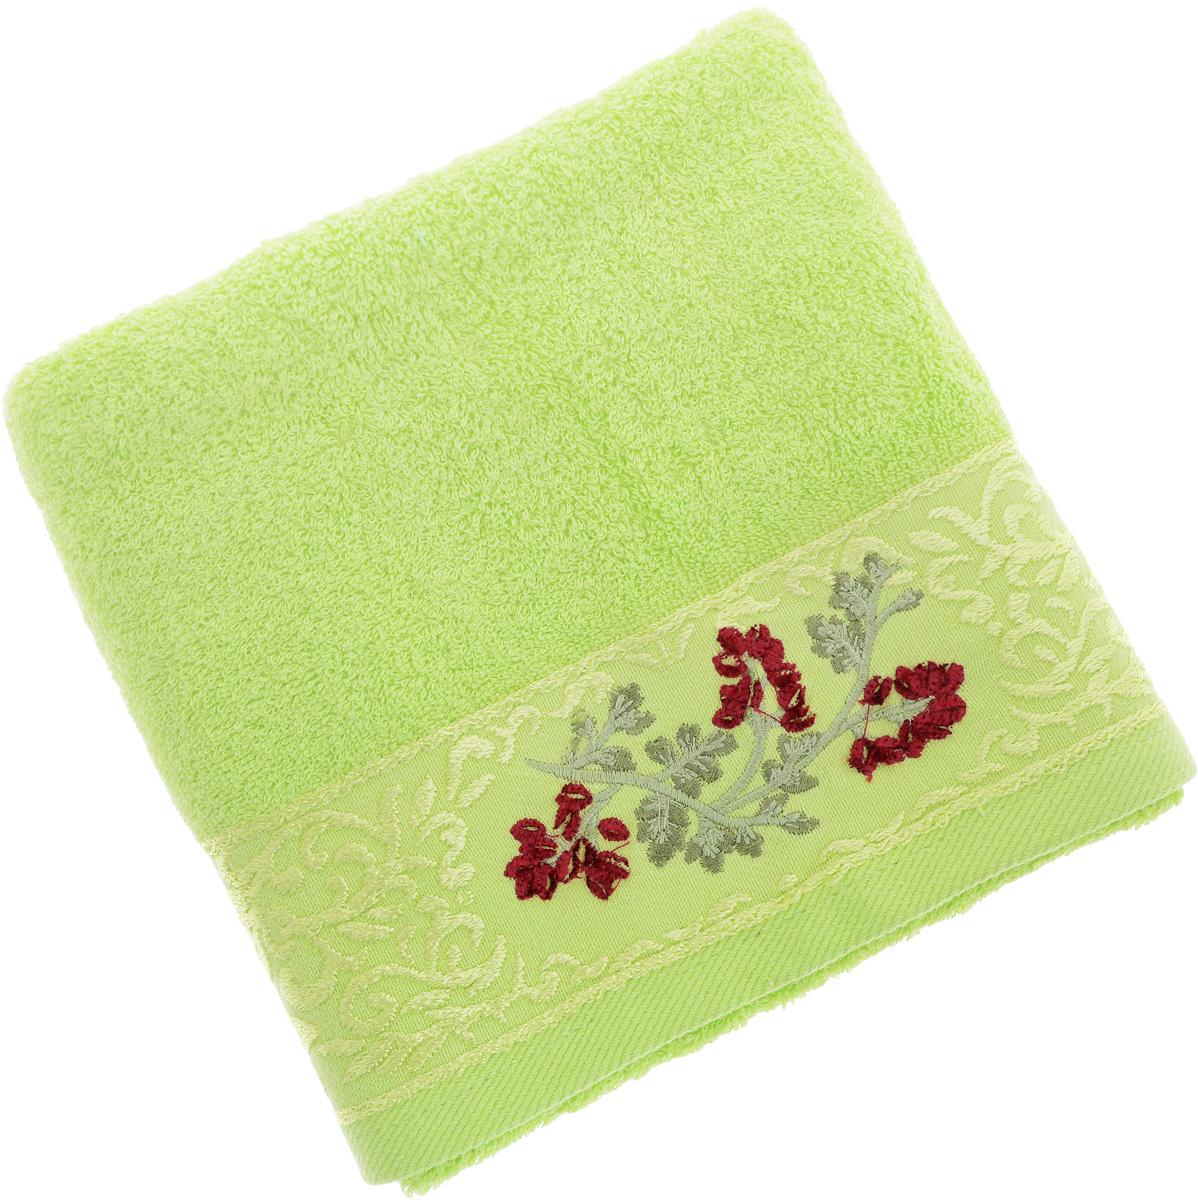 Полотенце Soavita Кизил, цвет: светло-зеленый, 50 х 90 см51817Полотенце Soavita Кизил выполнено из 100% хлопка. Изделие отлично впитывает влагу, быстро сохнет, сохраняет яркость цвета и не теряет форму даже после многократных стирок. Полотенце очень практично и неприхотливо в уходе. Оно создаст прекрасное настроение и украсит интерьер в ванной комнате.